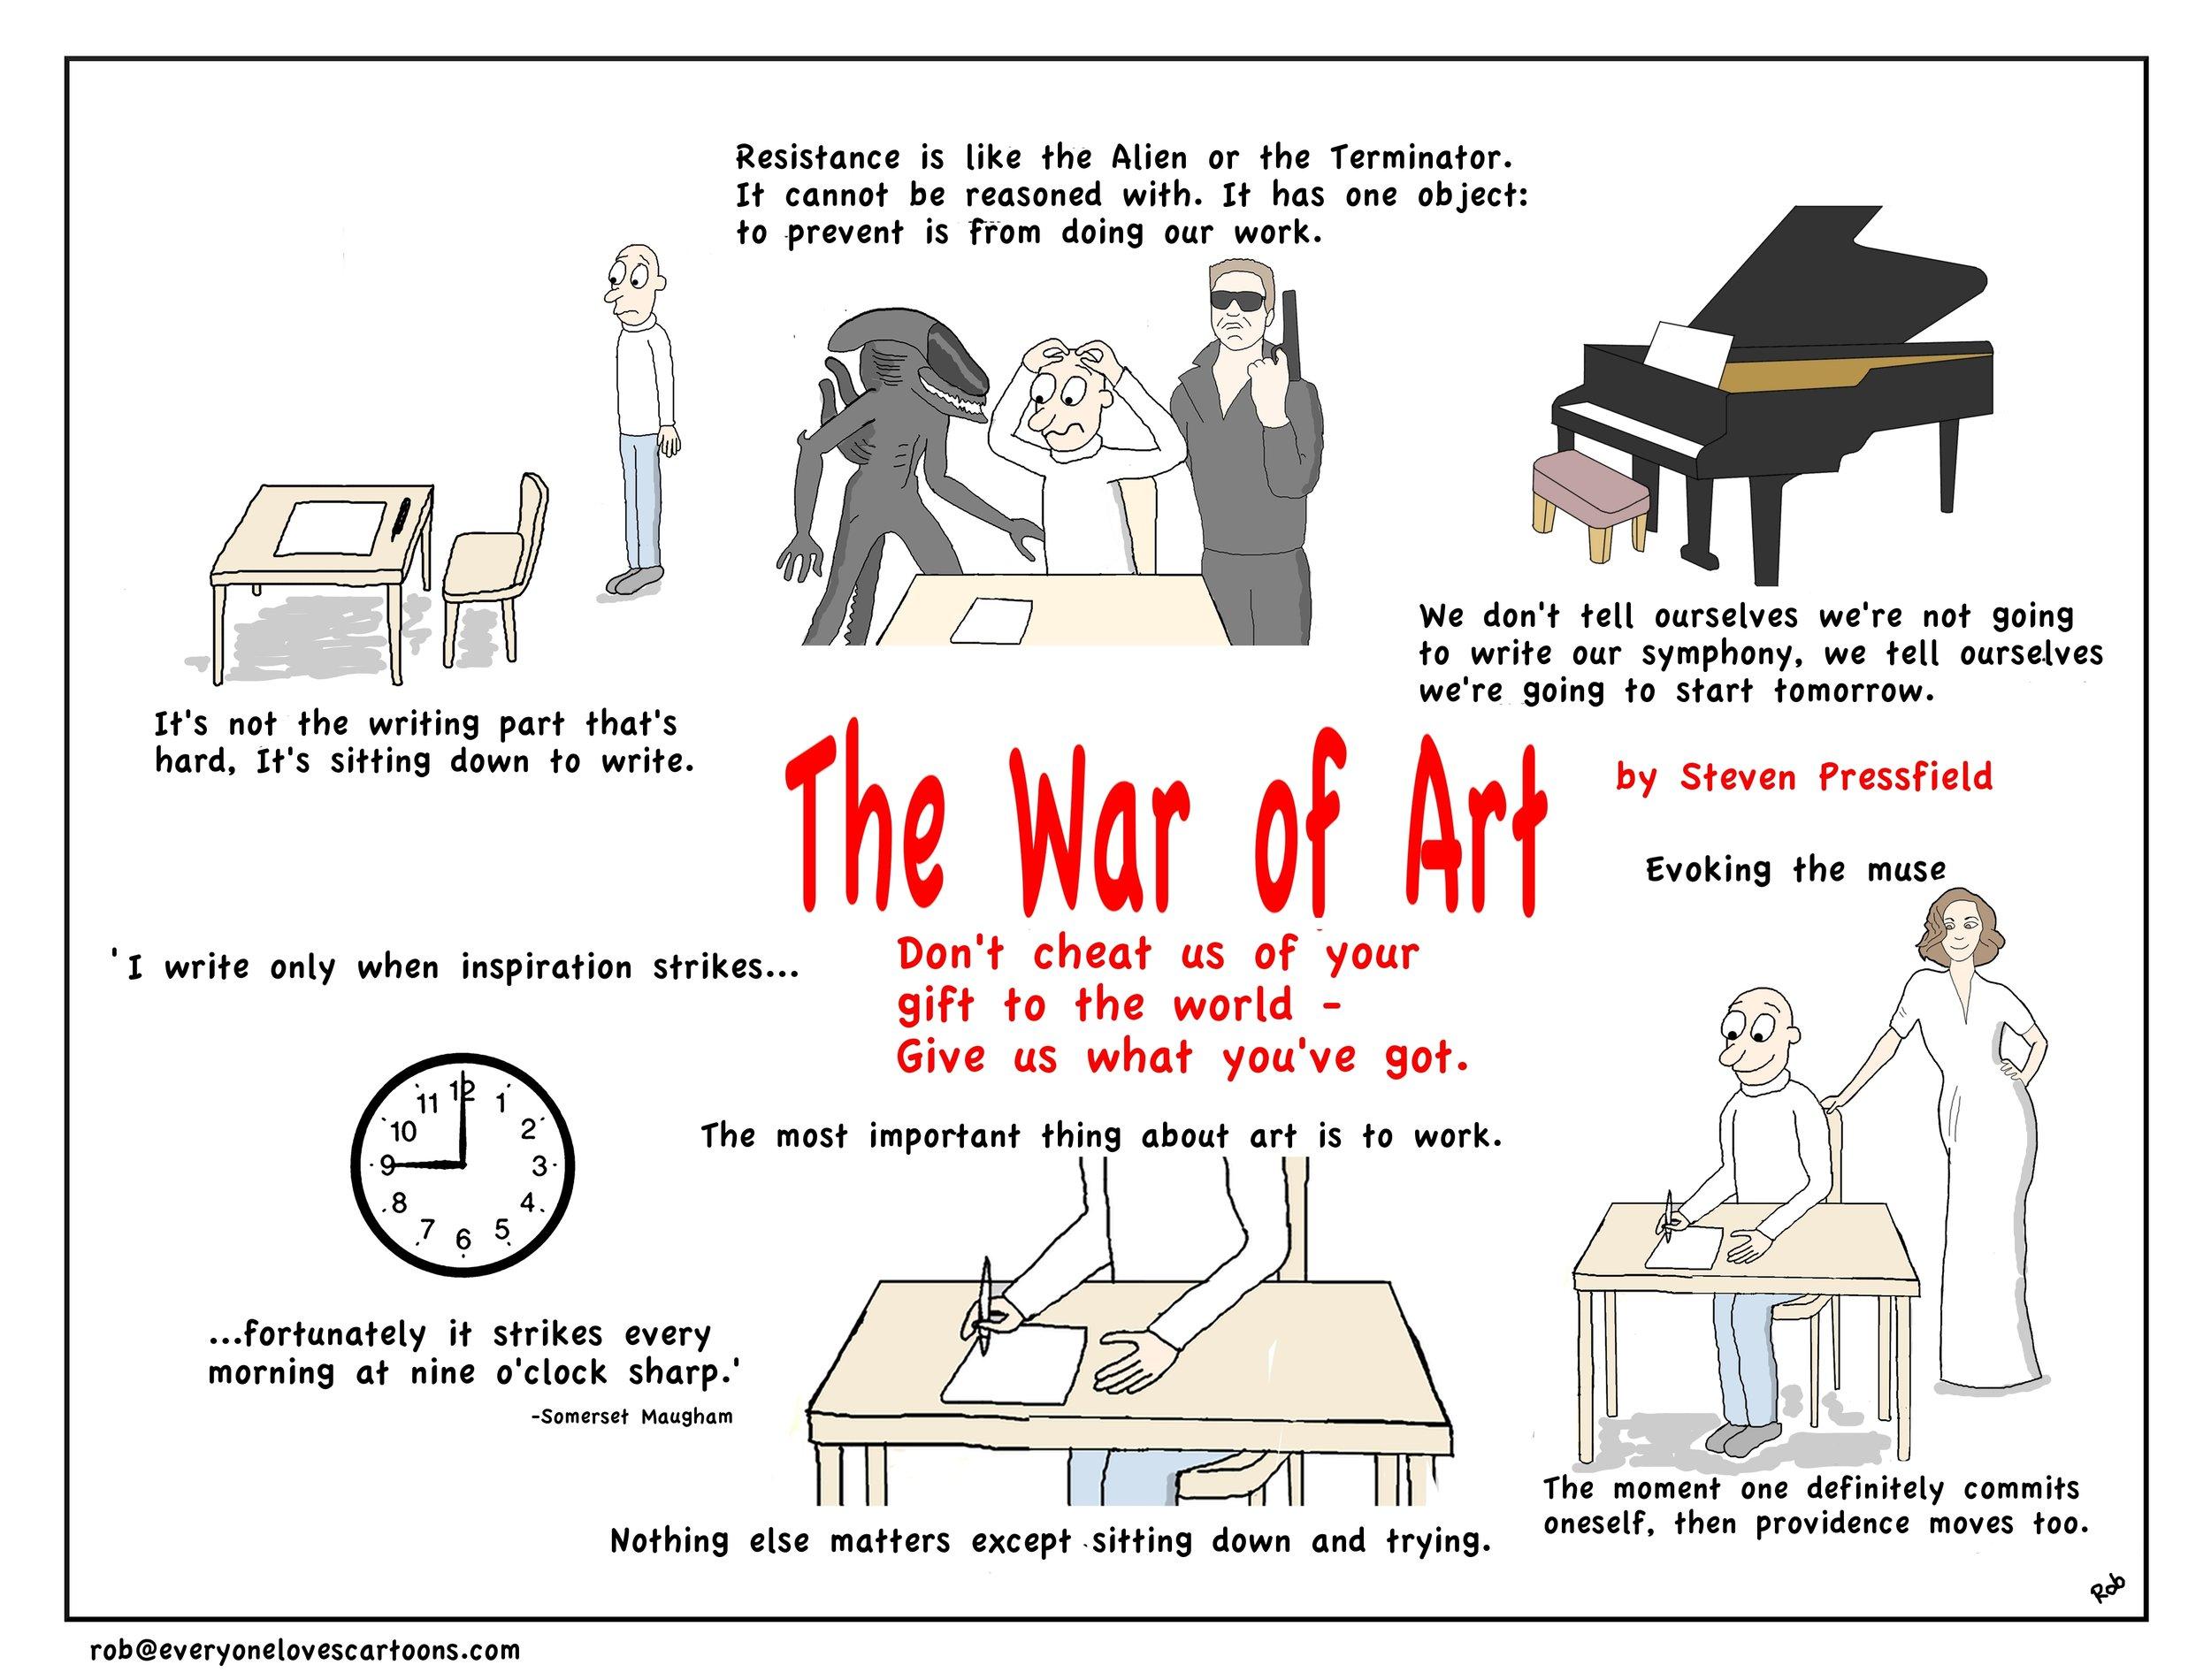 war of art infographic